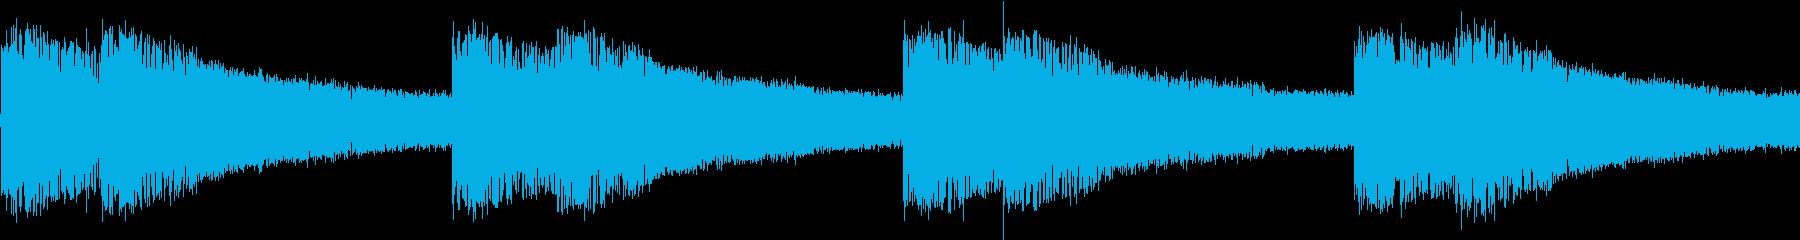 シンセ サイレン アナログ ピコピコ01の再生済みの波形